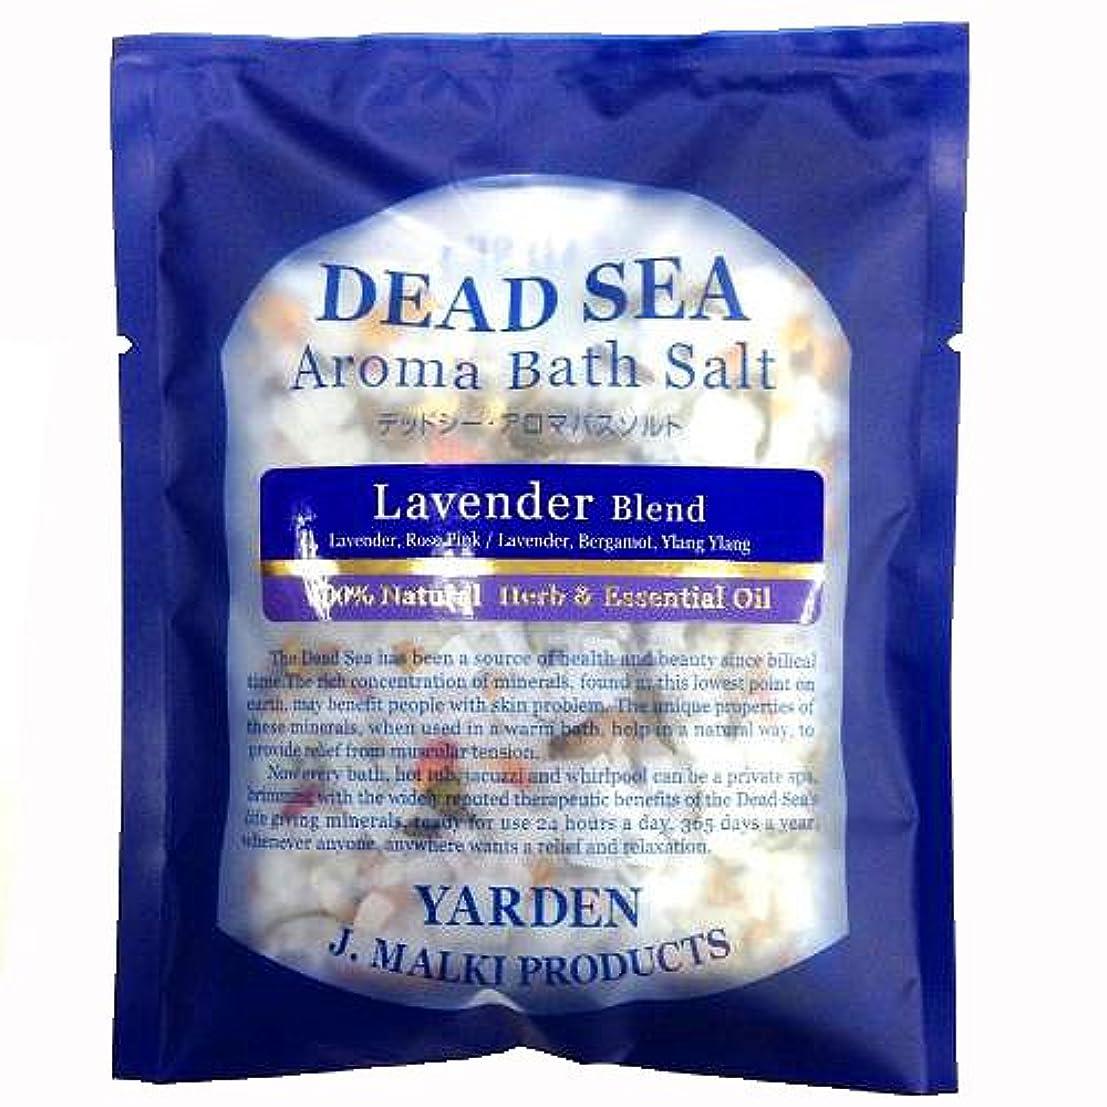 みそばに悪意のあるデッドシー?アロマバスソルト/ラベンダーブレンド 80g 【DEAD SEA AROMA BATH SALT】死海の塩+精油+ハーブ/入浴剤(入浴用化粧品)【正規販売店】